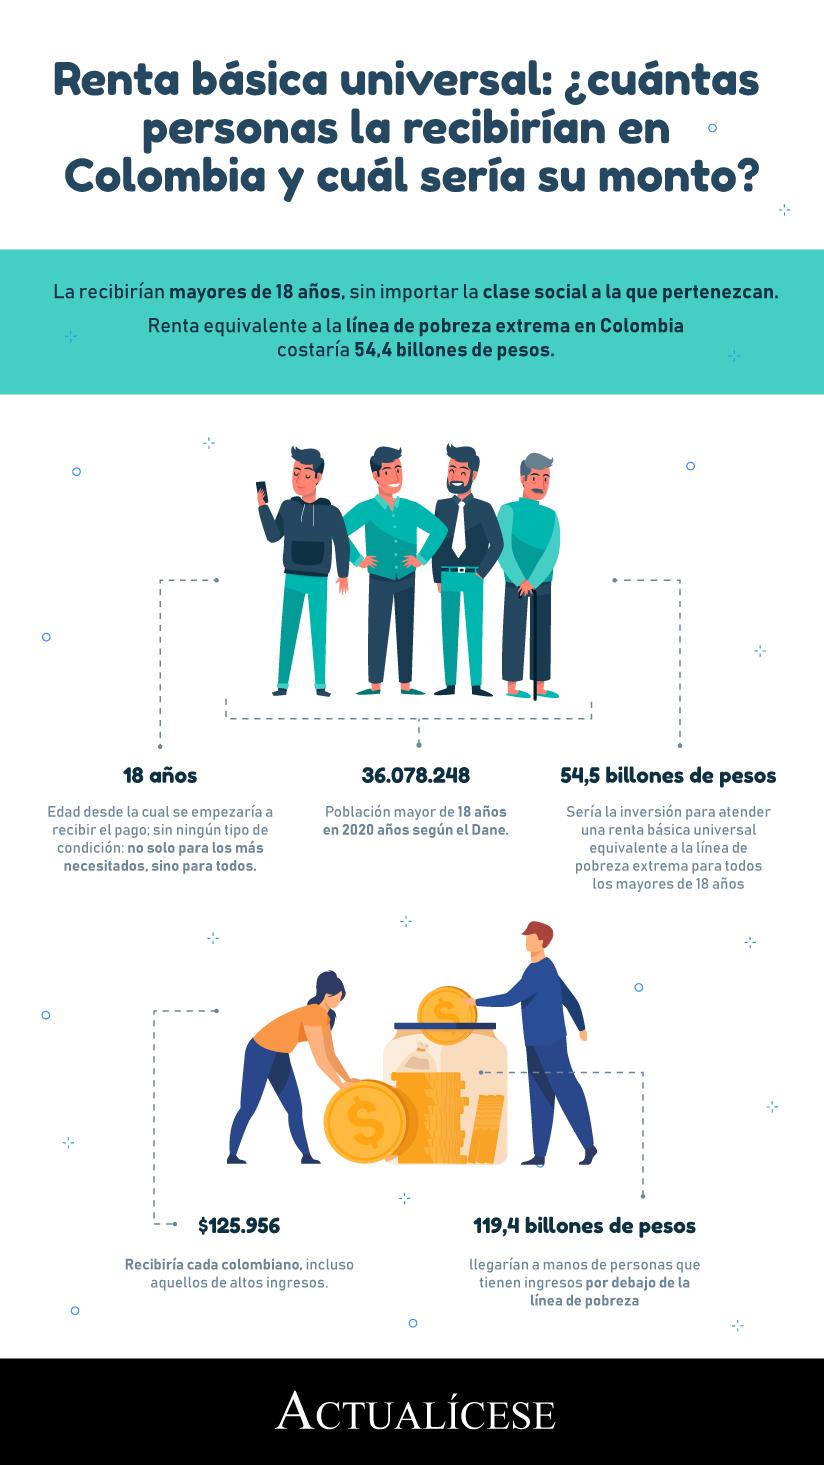 [Infografía] Renta básica universal: ¿cuántas personas la recibirían en Colombia y cuál sería su monto?